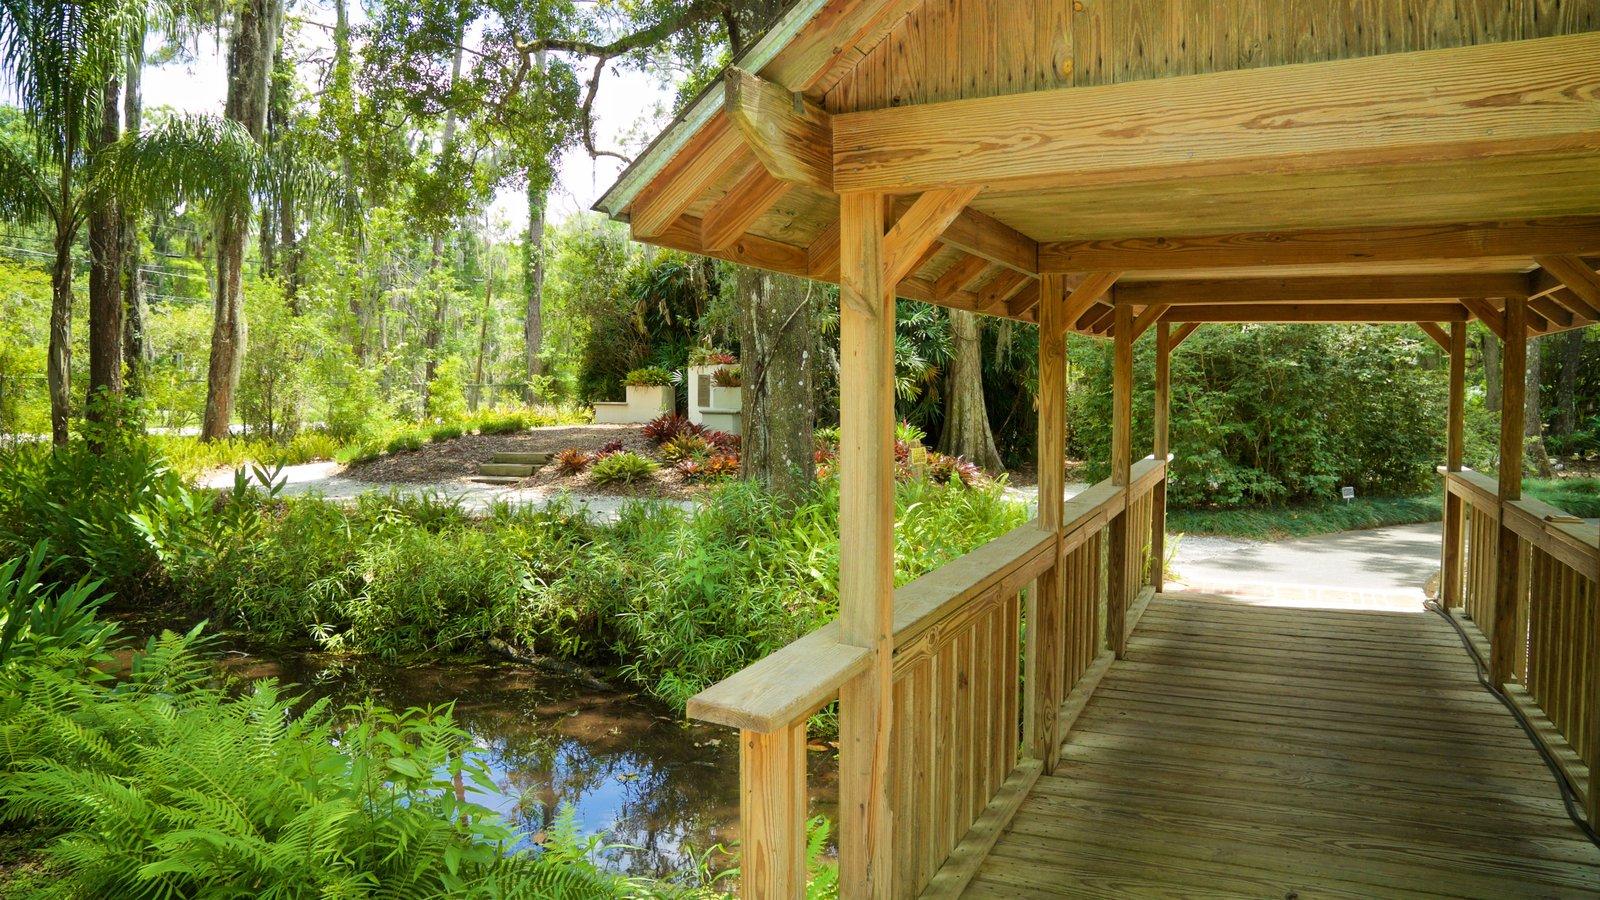 Parque regional Eureka Springs mostrando un río o arroyo y un puente